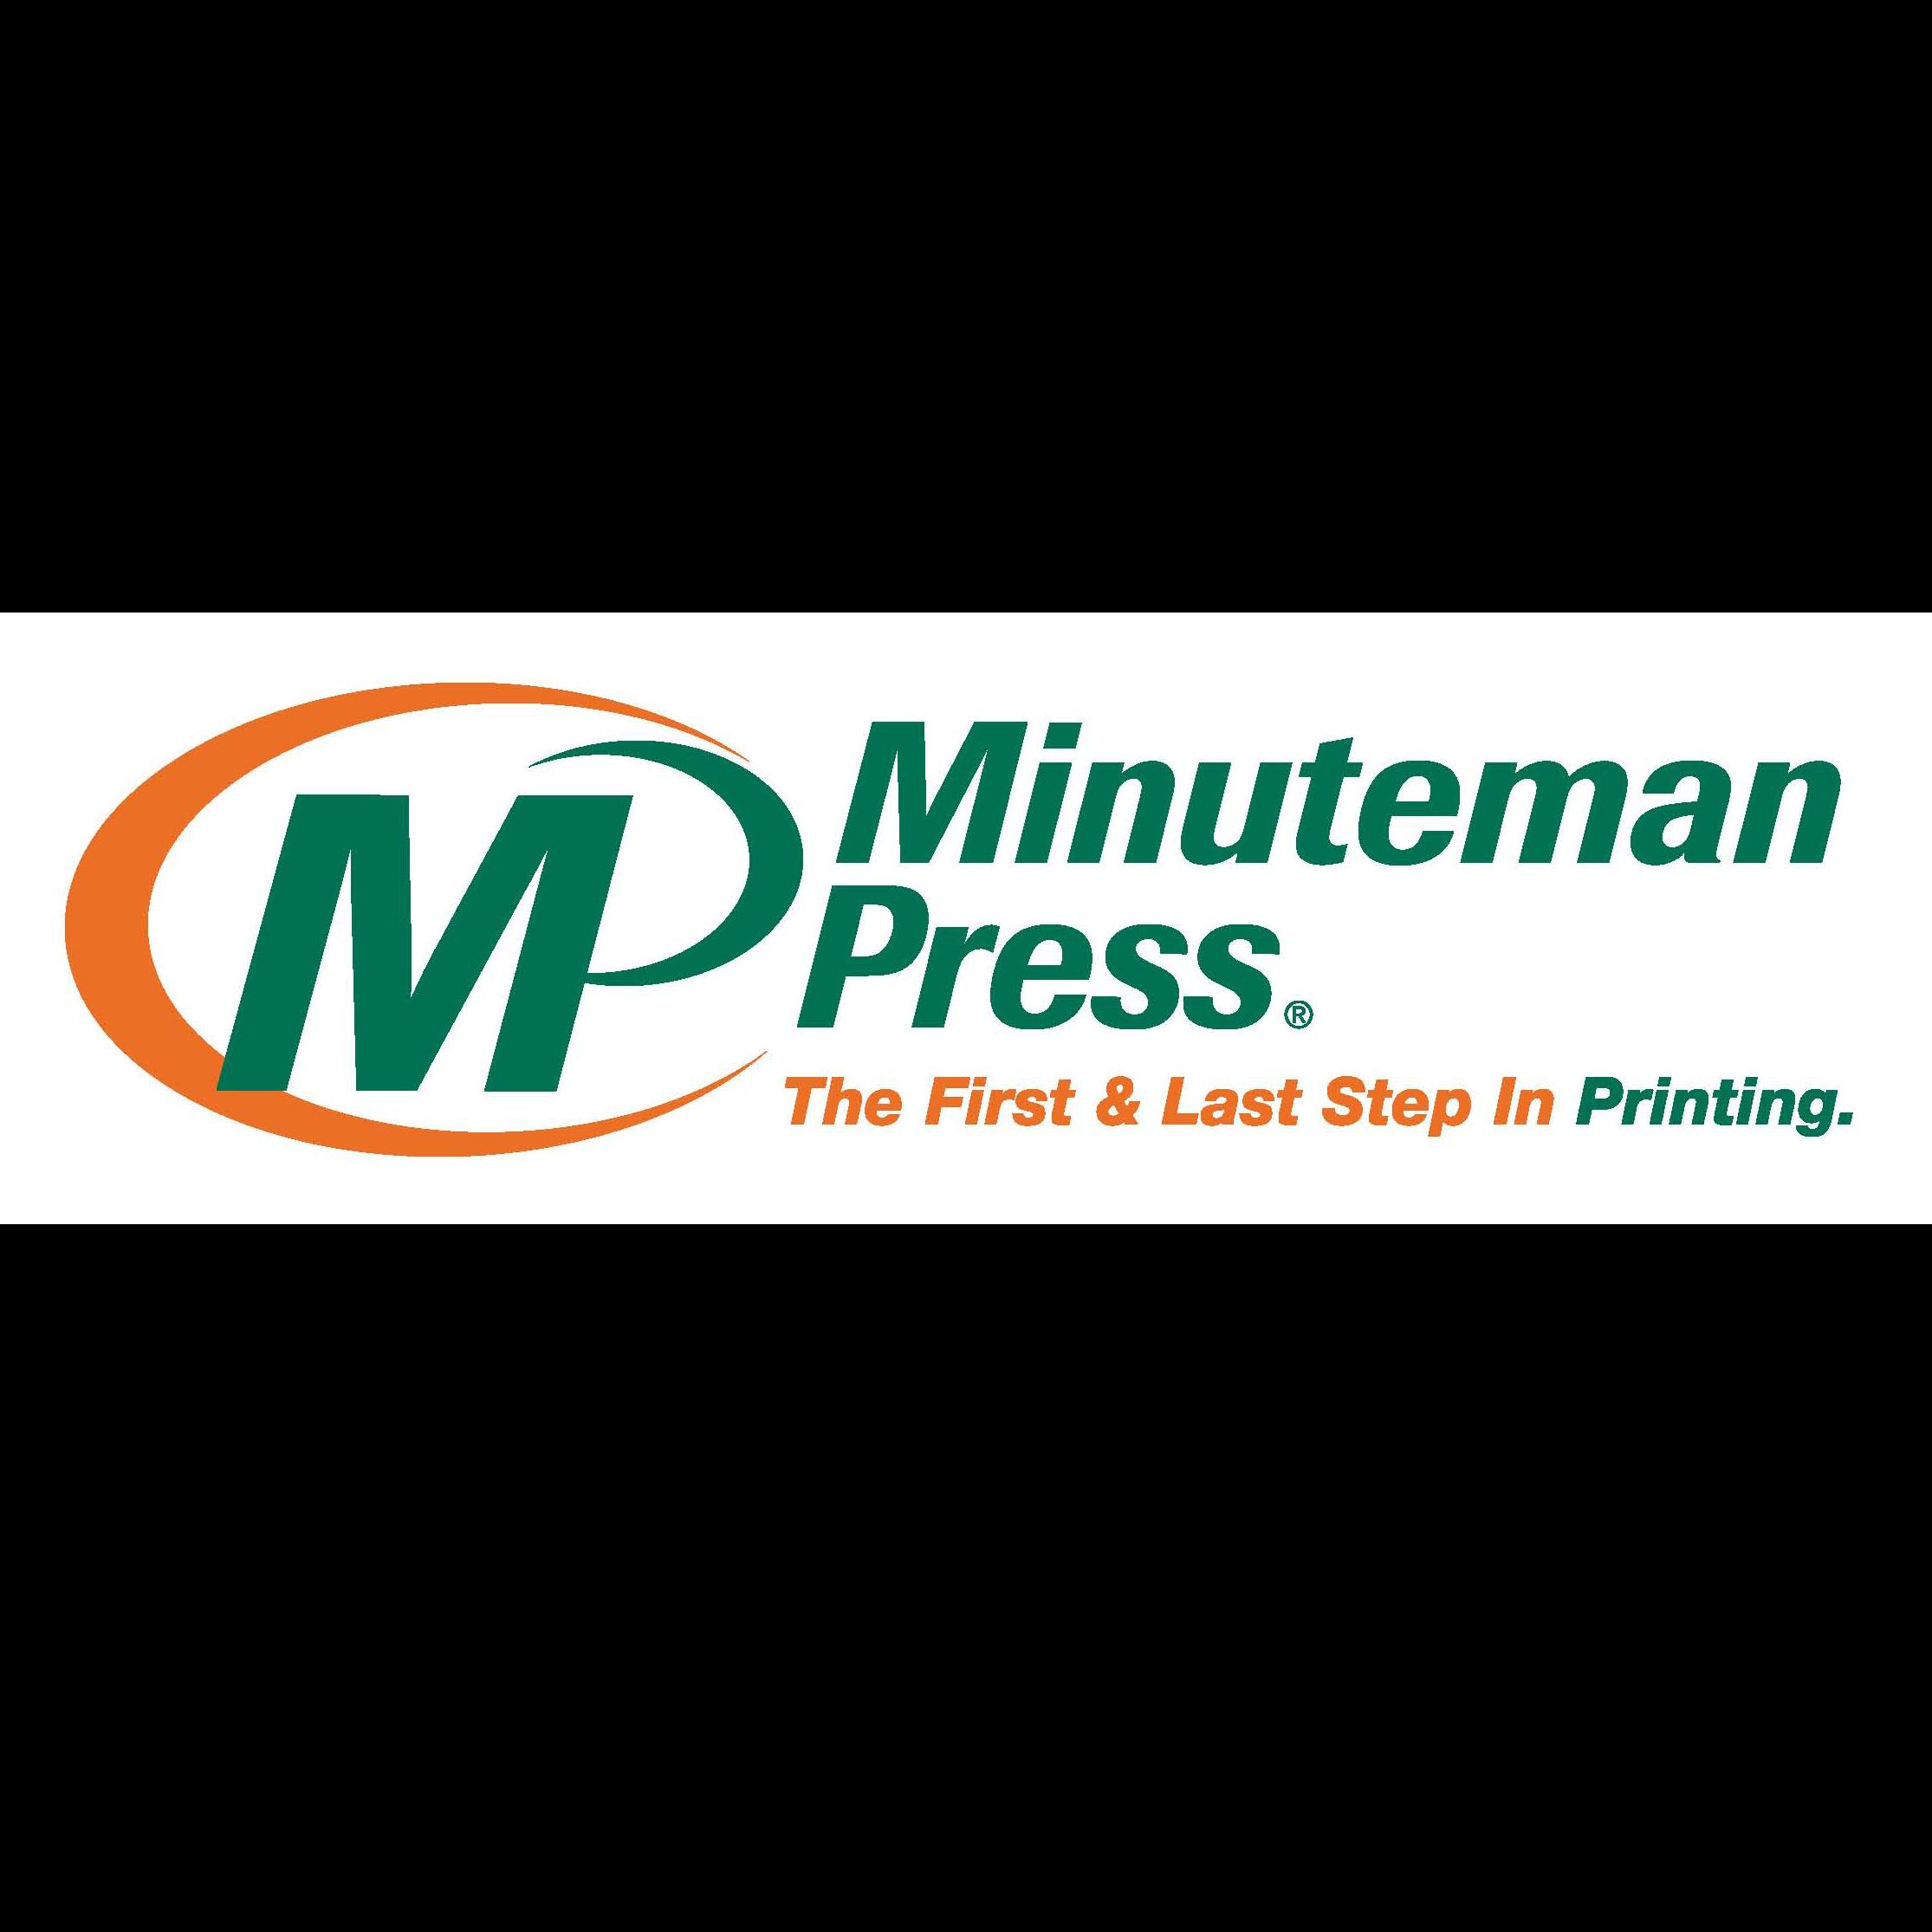 MinutemanPress franchise